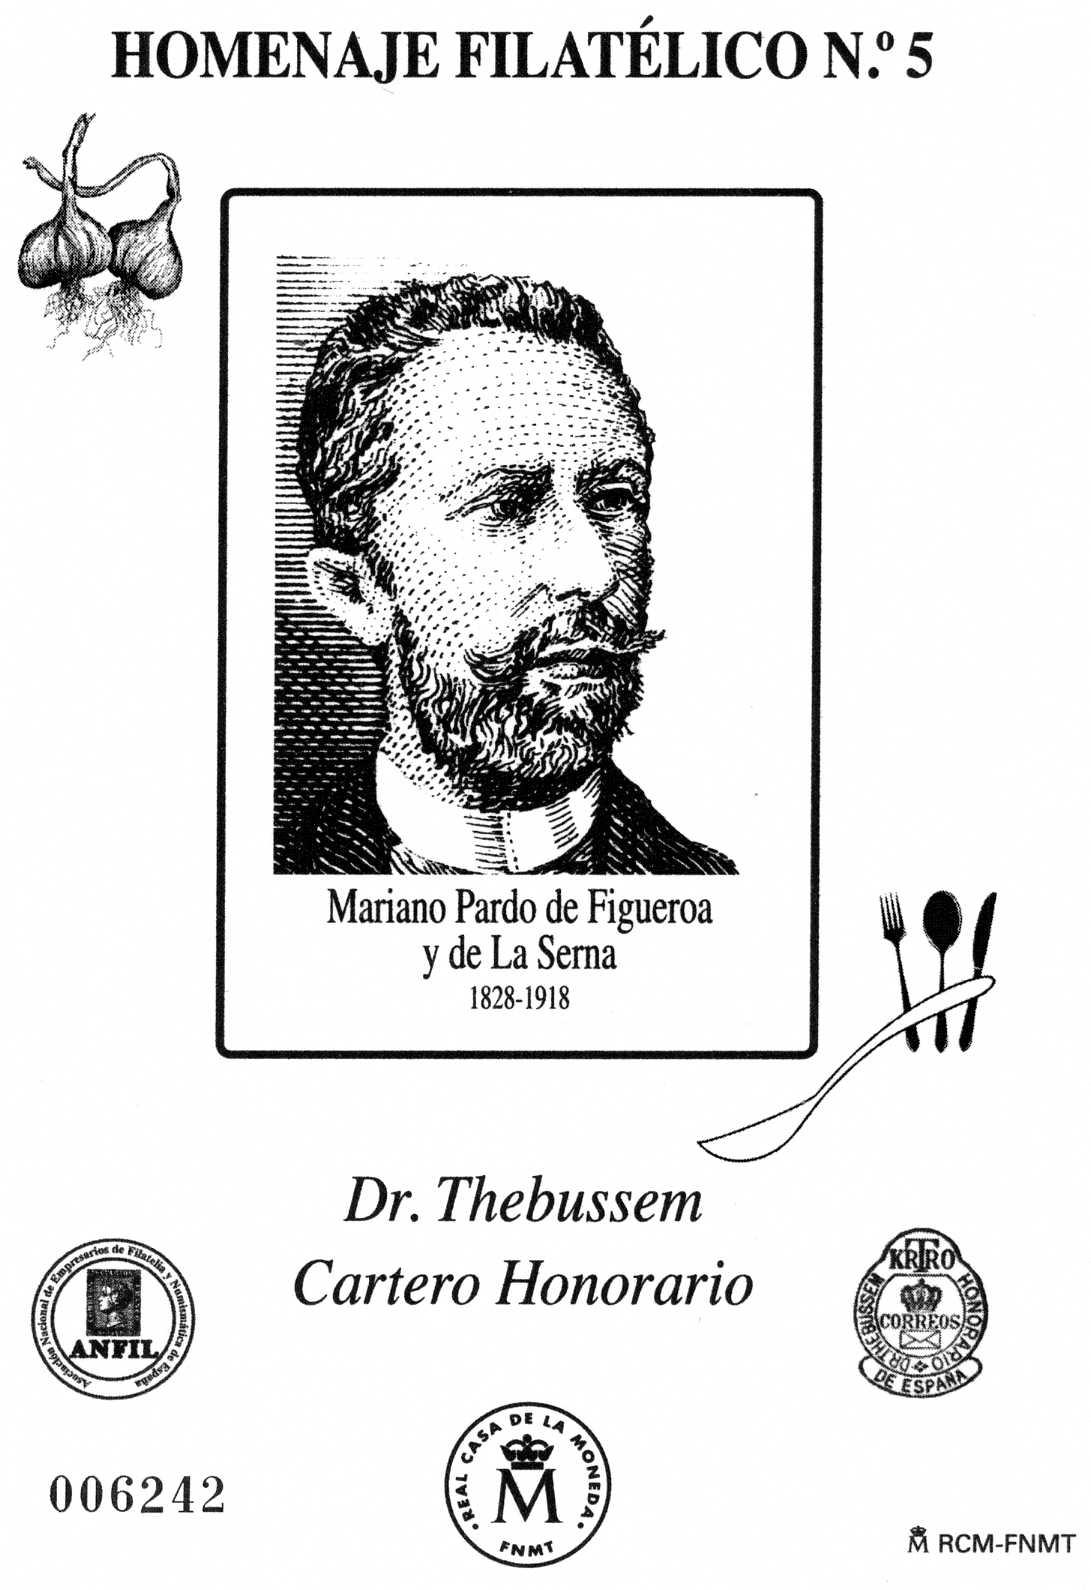 2014. Dr. Thebussem. Cartero Honorario y Gastronomía